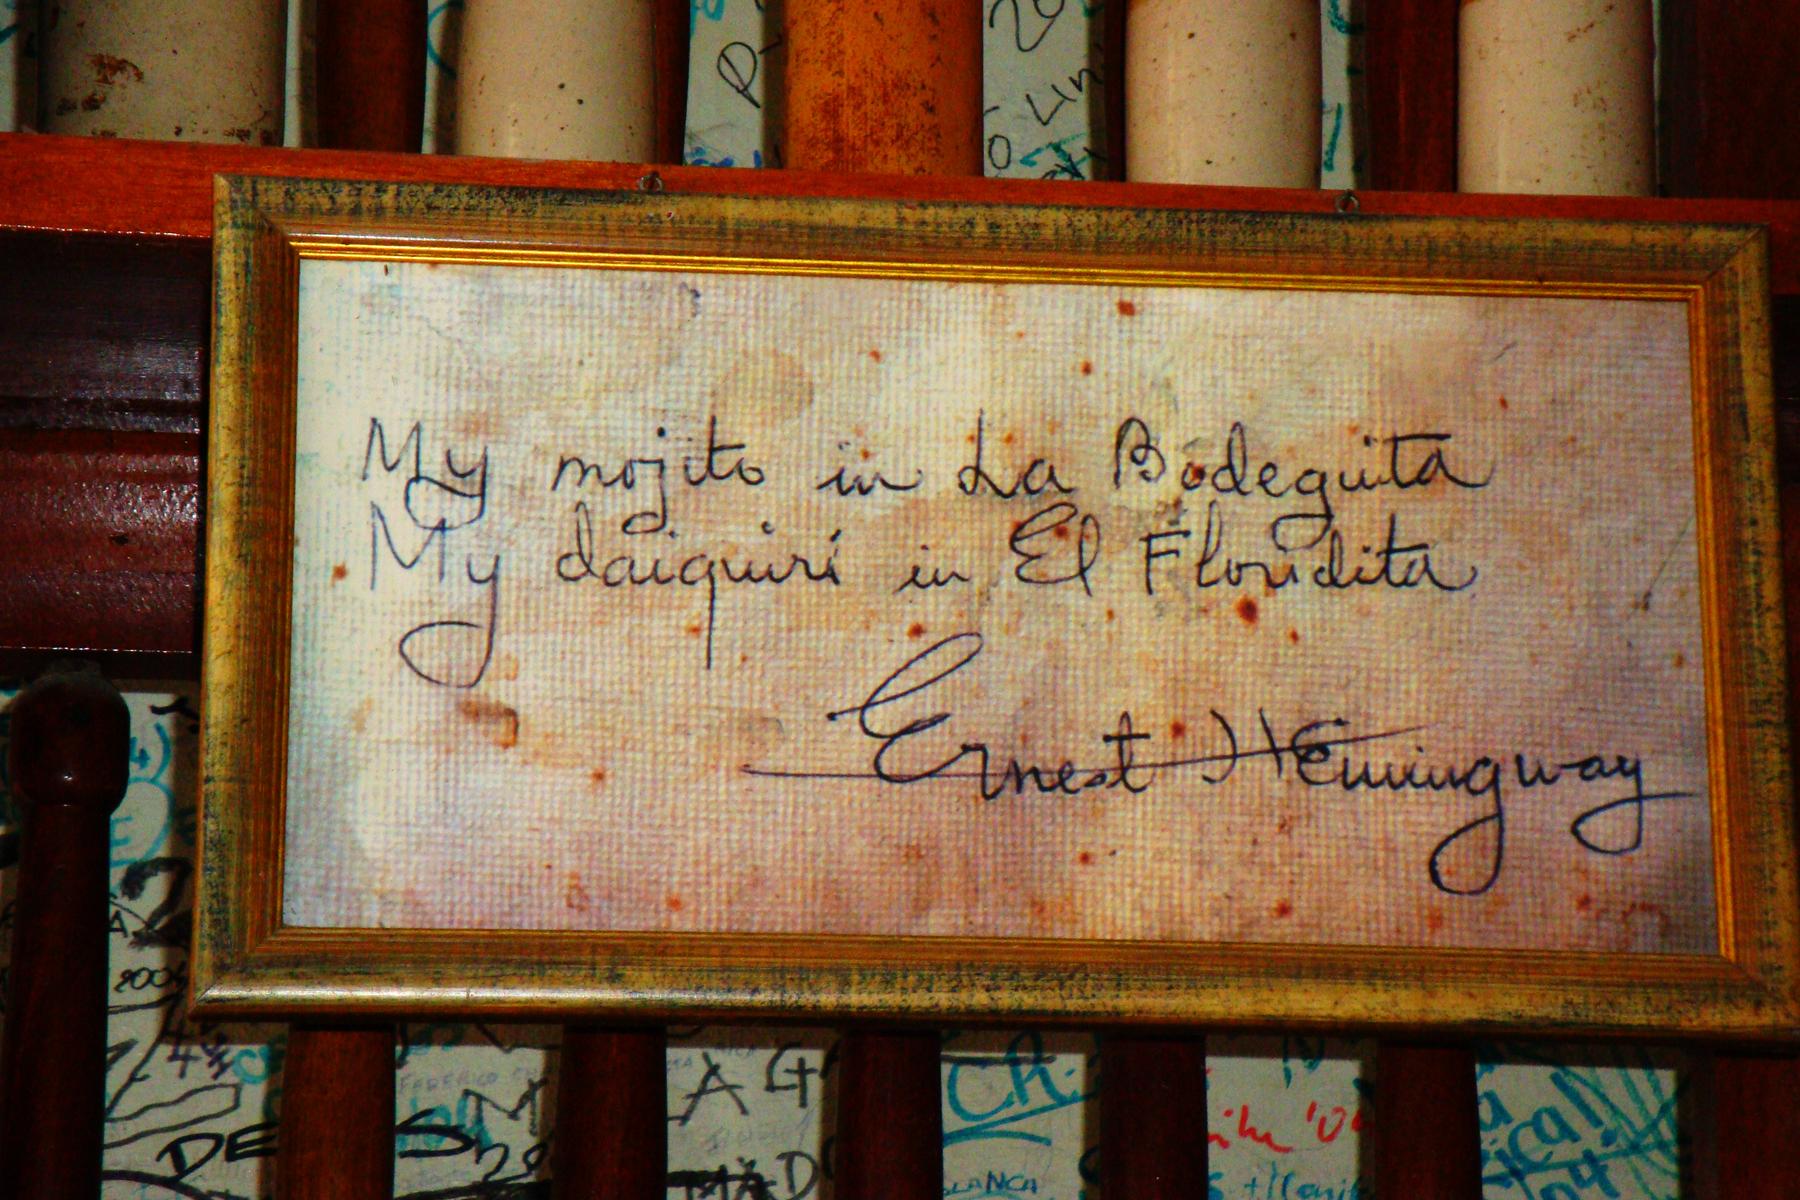 Ernest Hemingvej Cuba-bodequitas-hemingway-sign